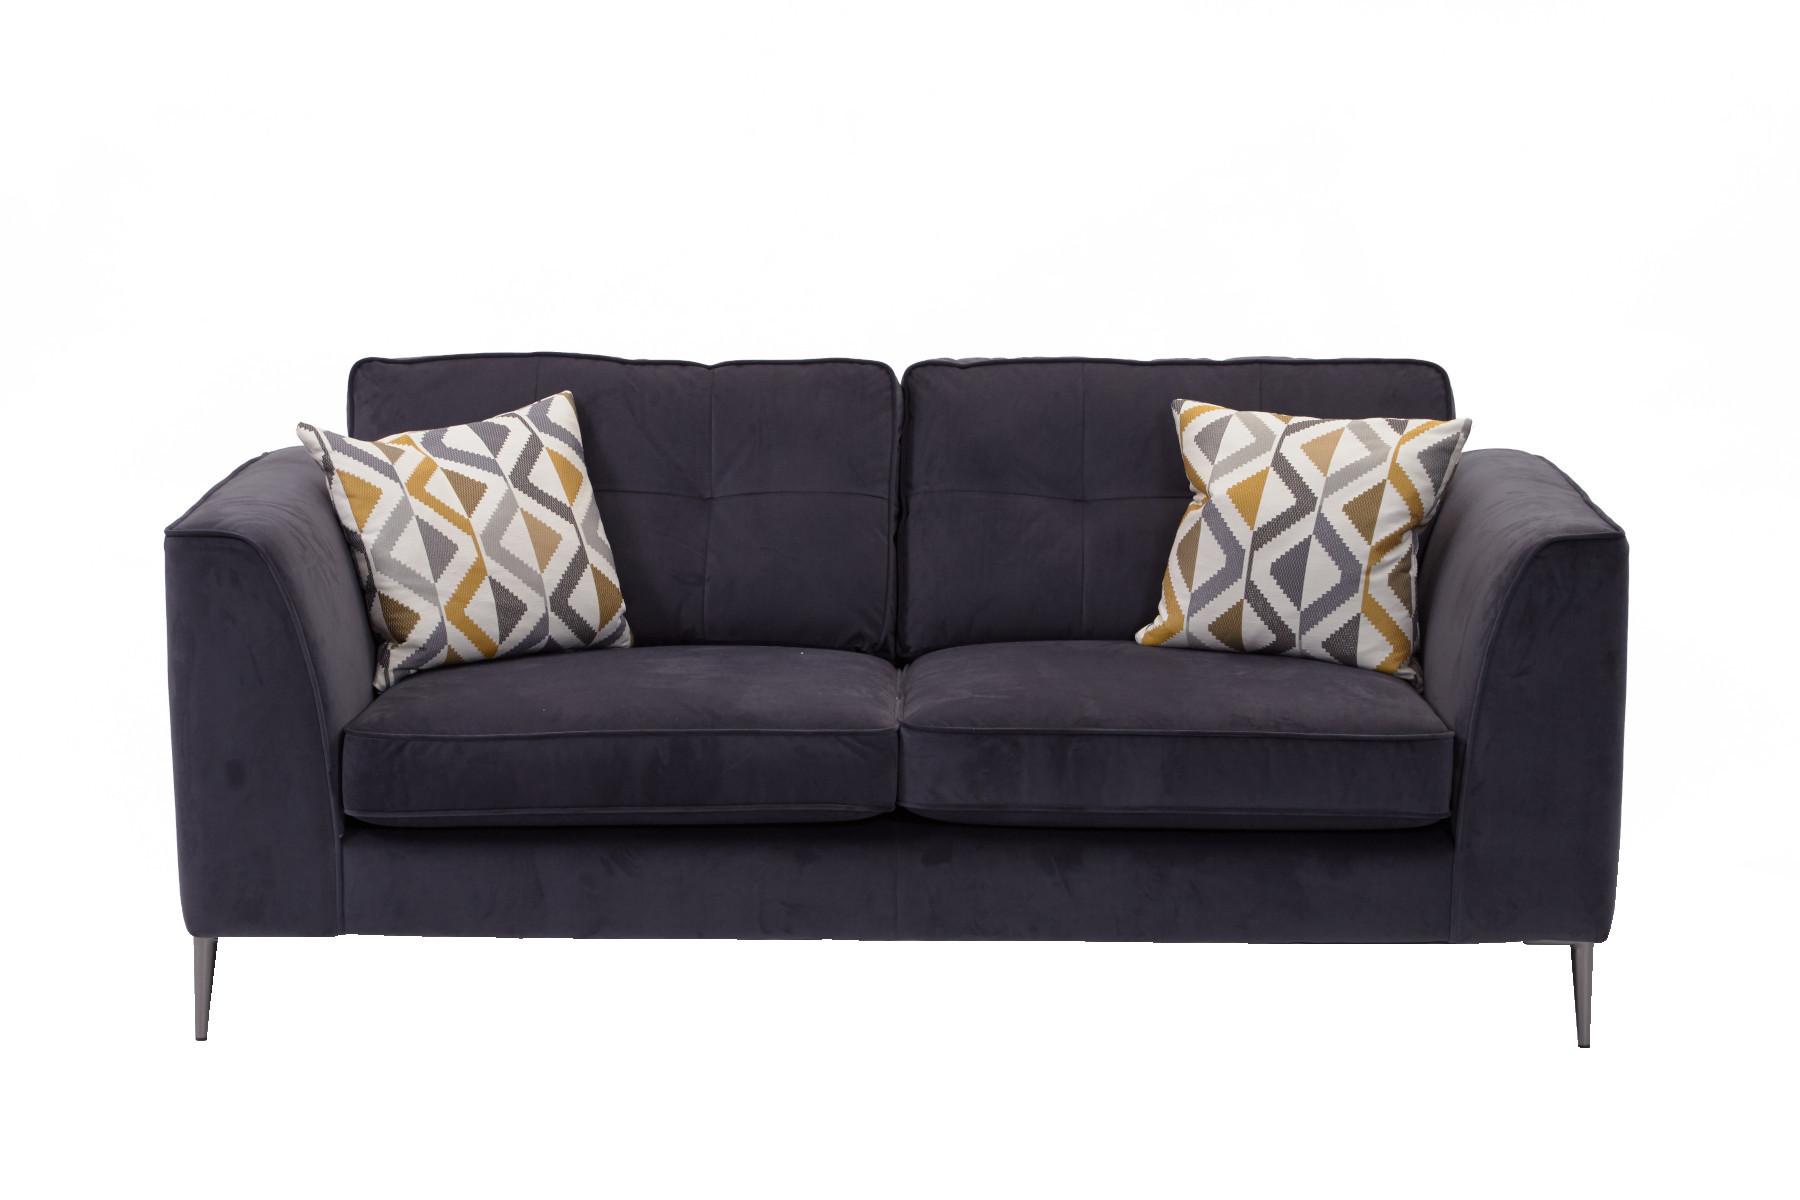 Daytona Large Sofa